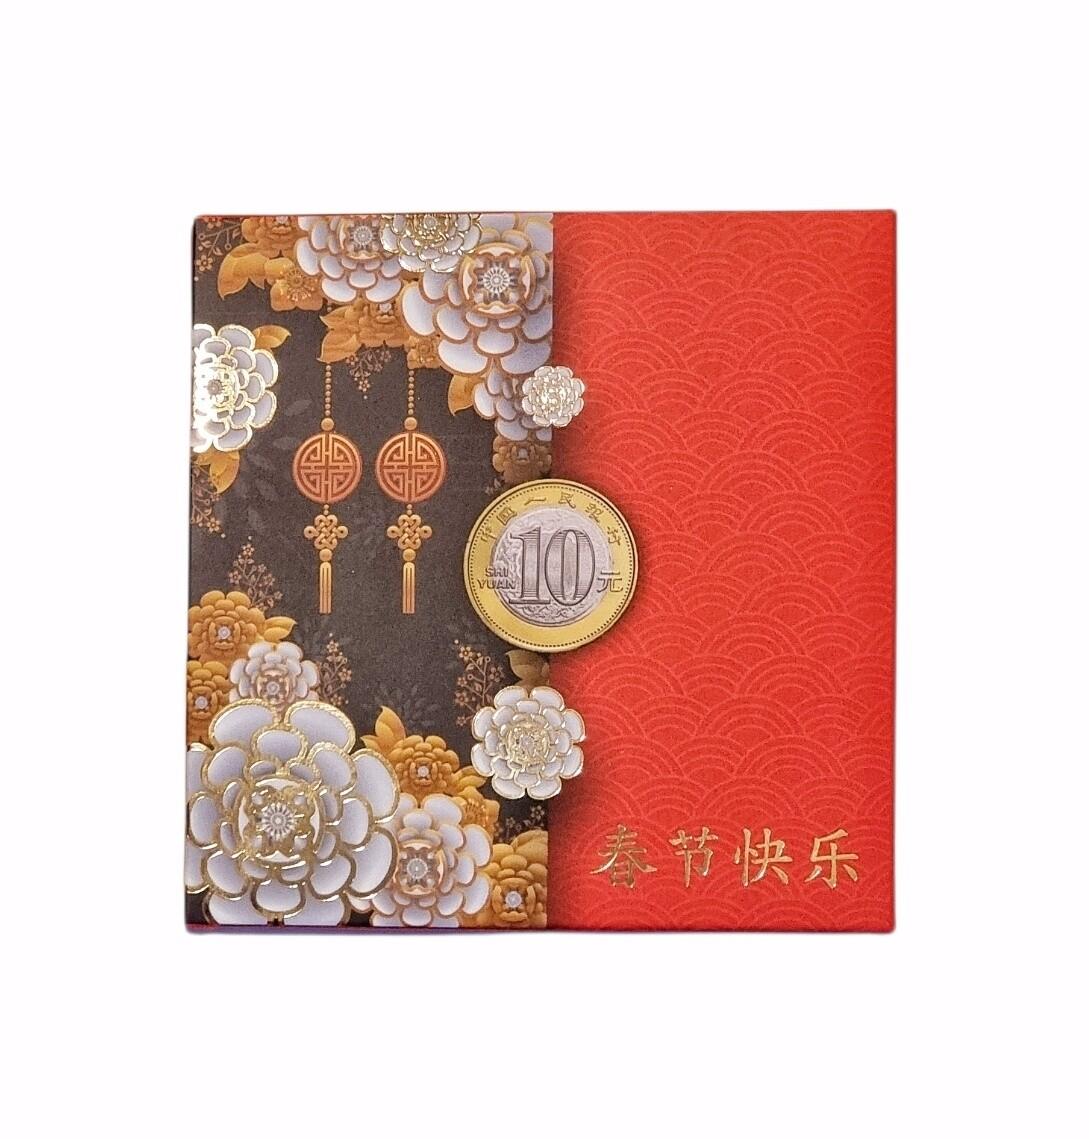 Капсульный альбом для монет 10 юаней серии